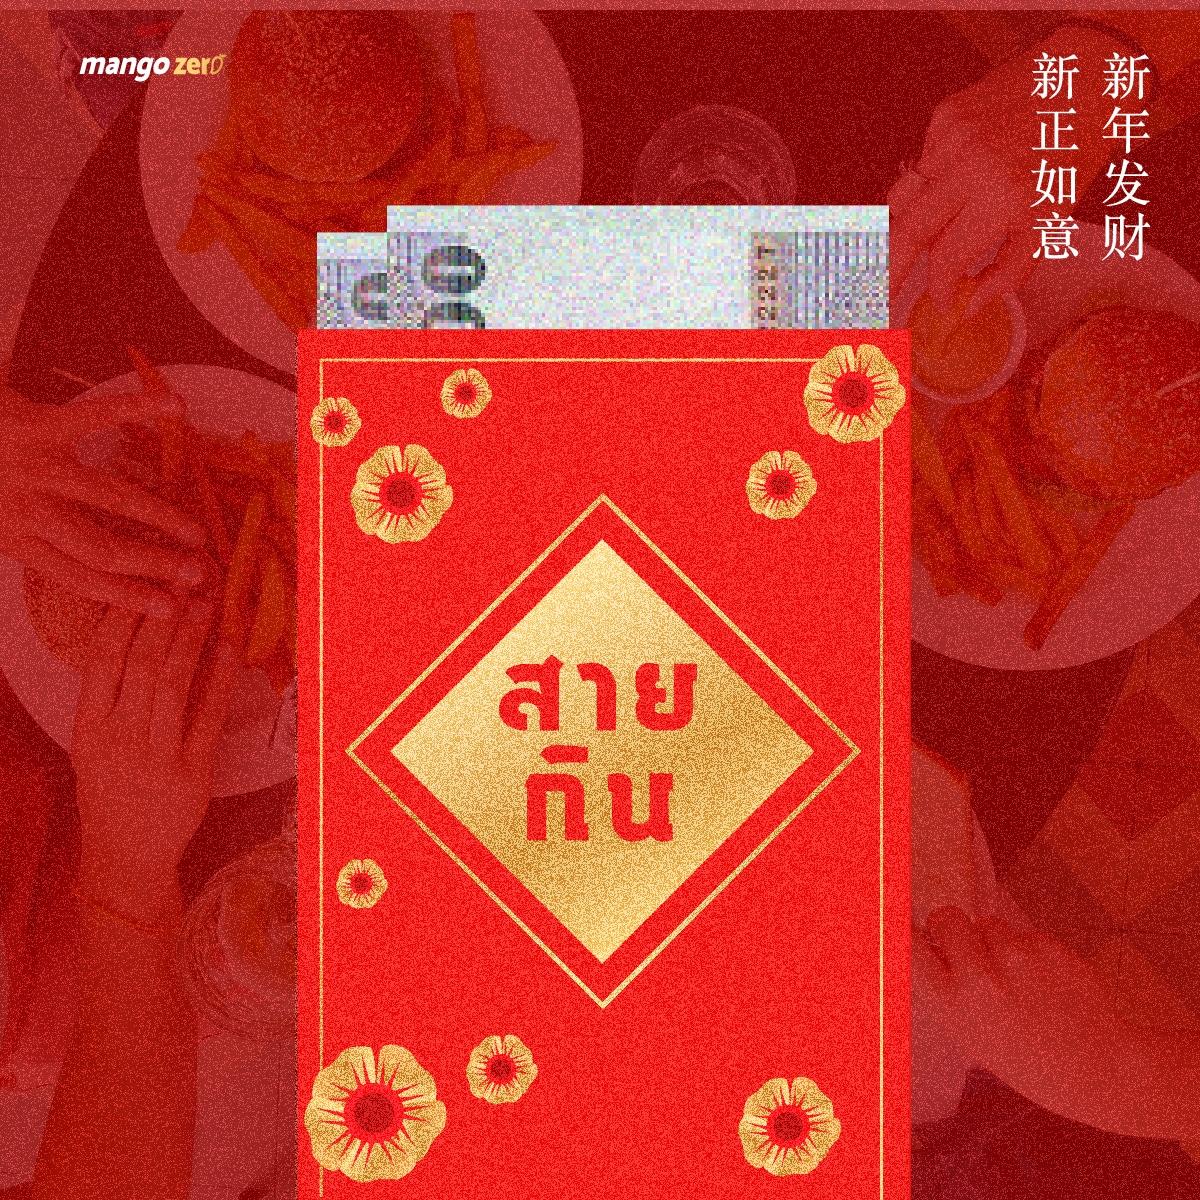 Chinese Calendar Year Zero : วิธีต่อยอดเงินที่ได้จากอั่งเปา ได้มาแล้วเอาไปทำไรดี